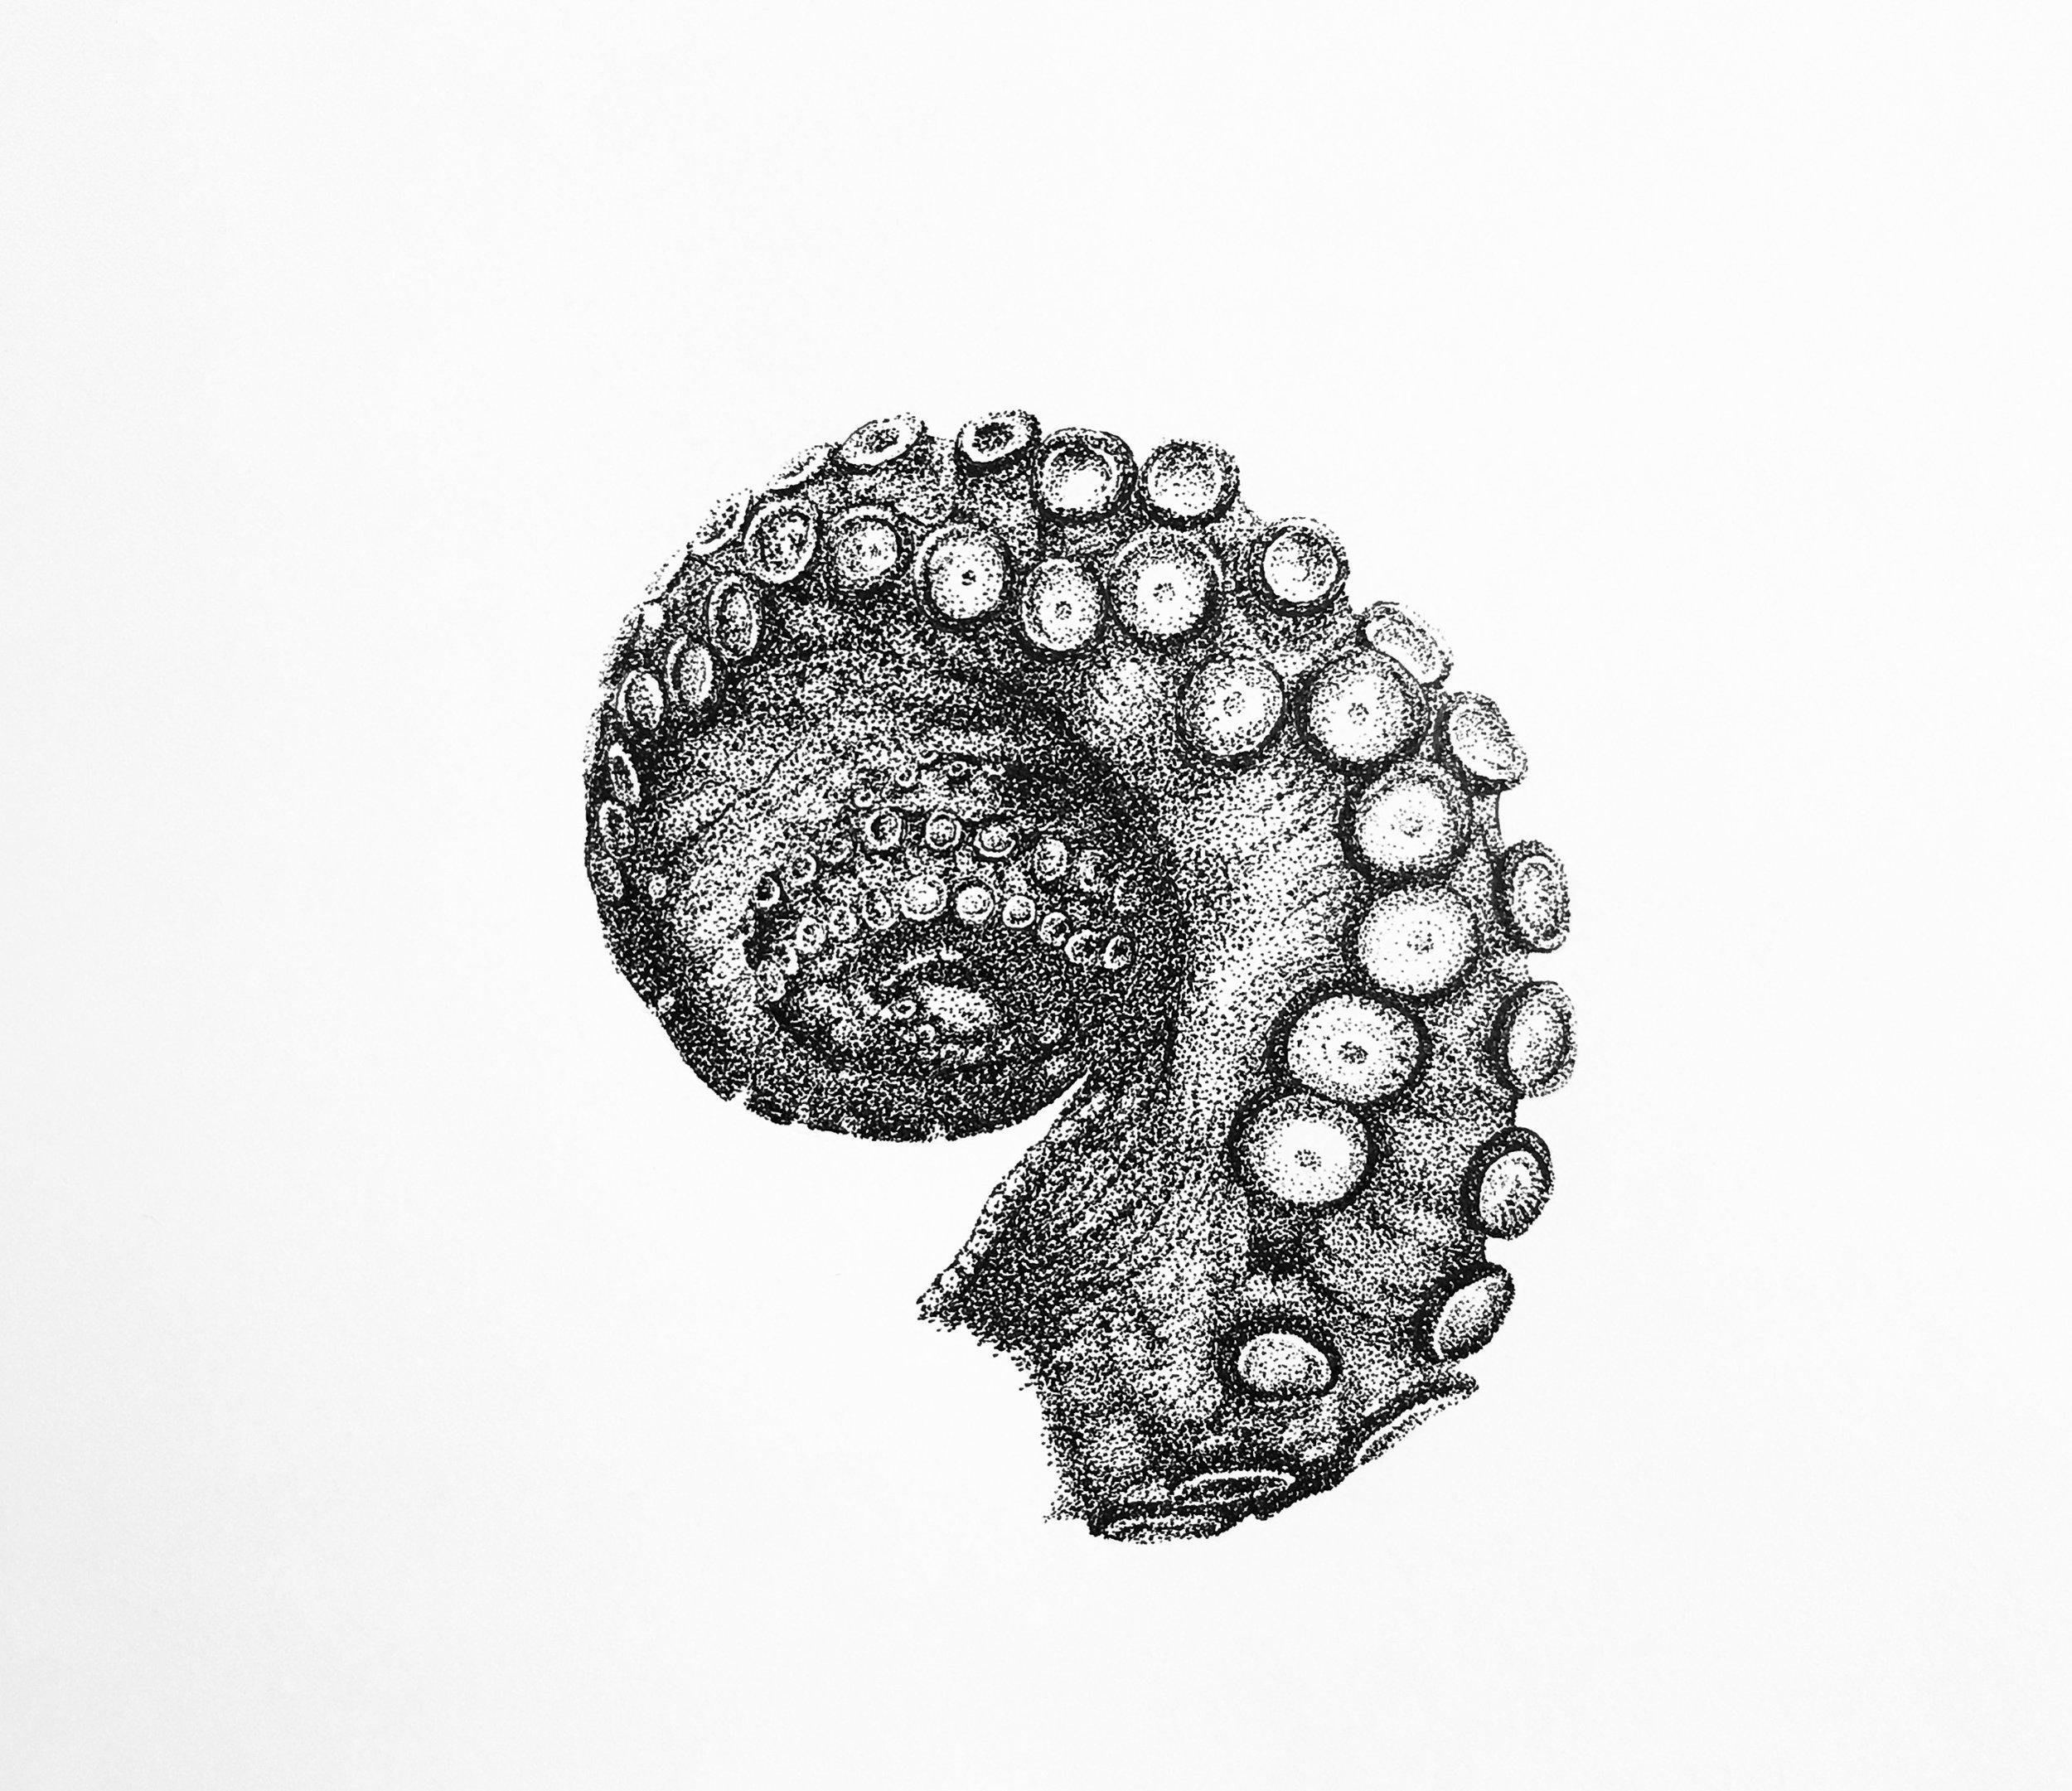 tentacle.JPG